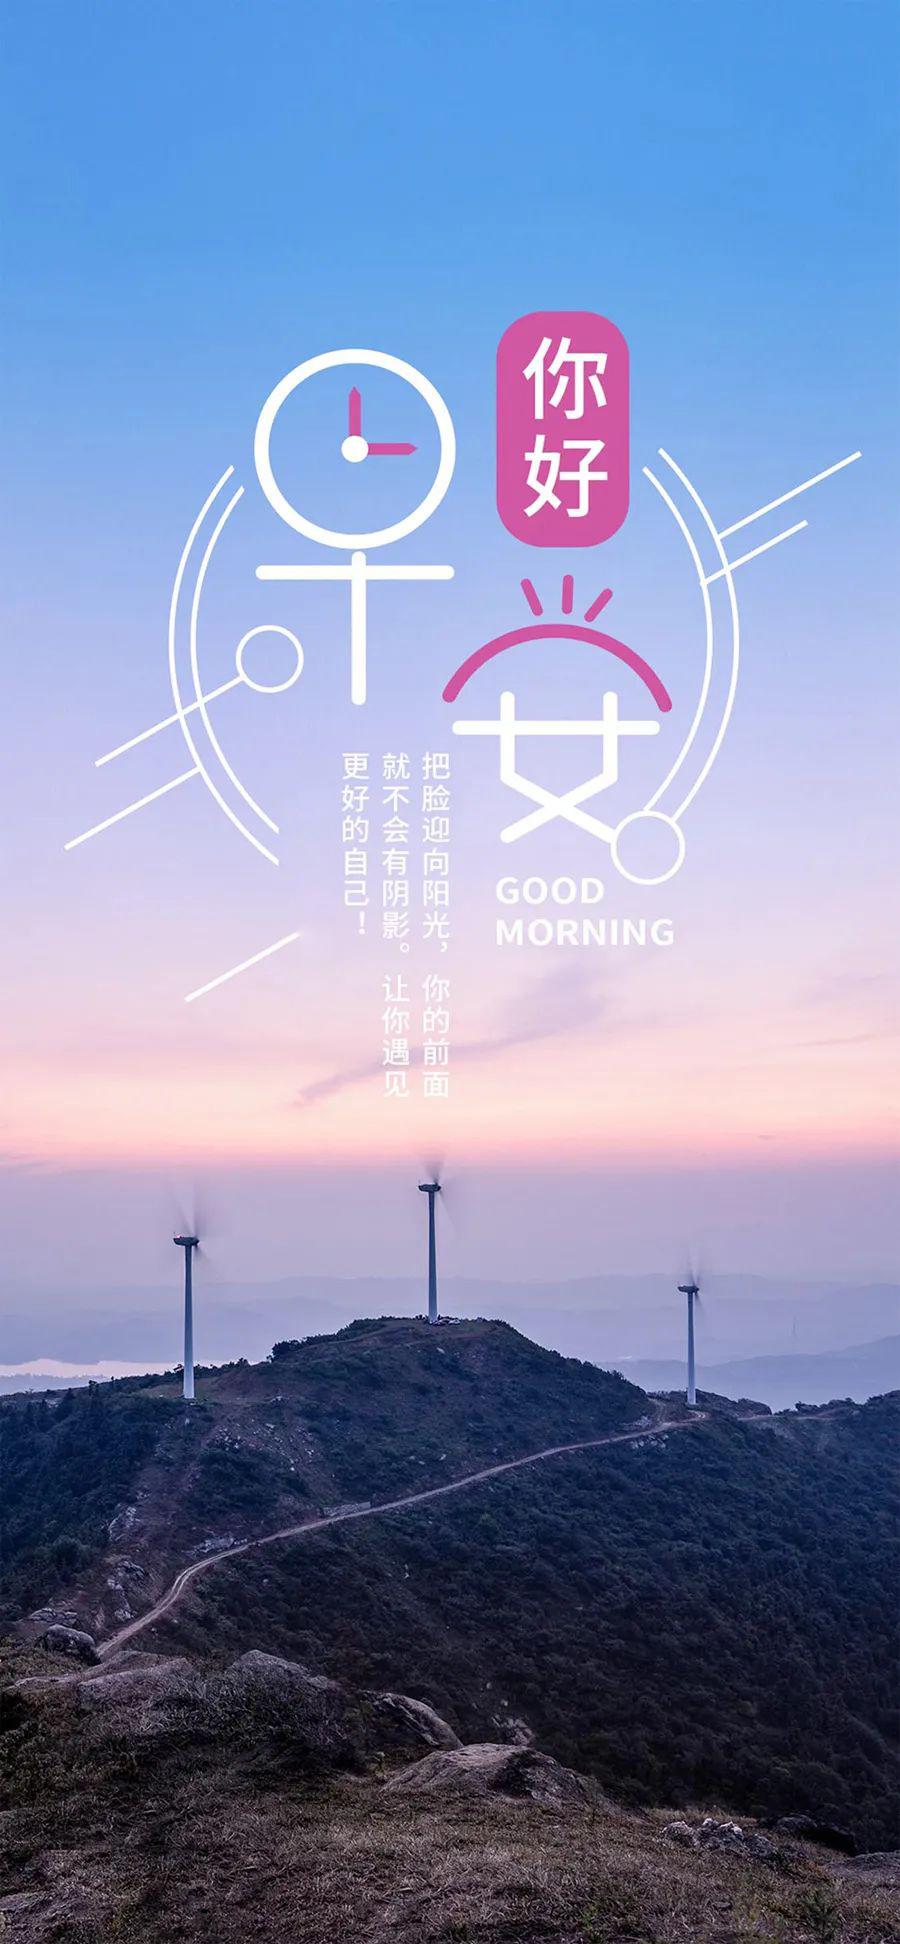 9月22日早安日签图片阳光激励语录